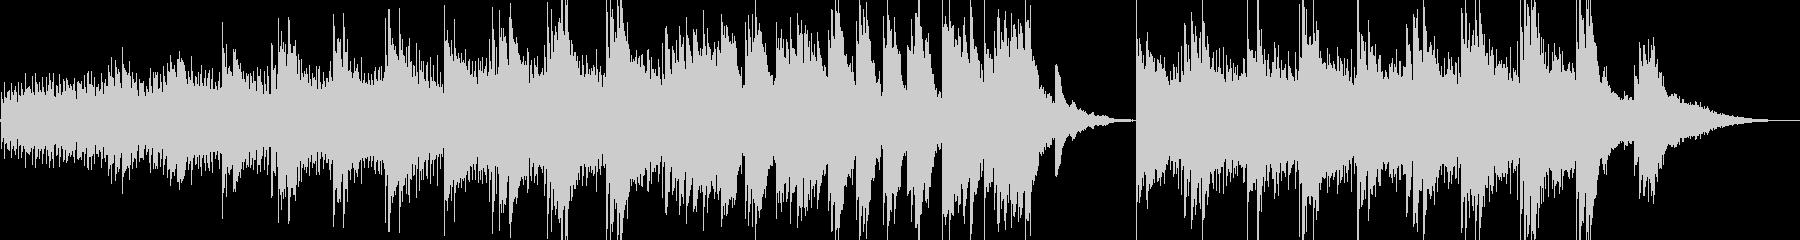 ネイチャー系の動画に優しいピアノ曲の未再生の波形